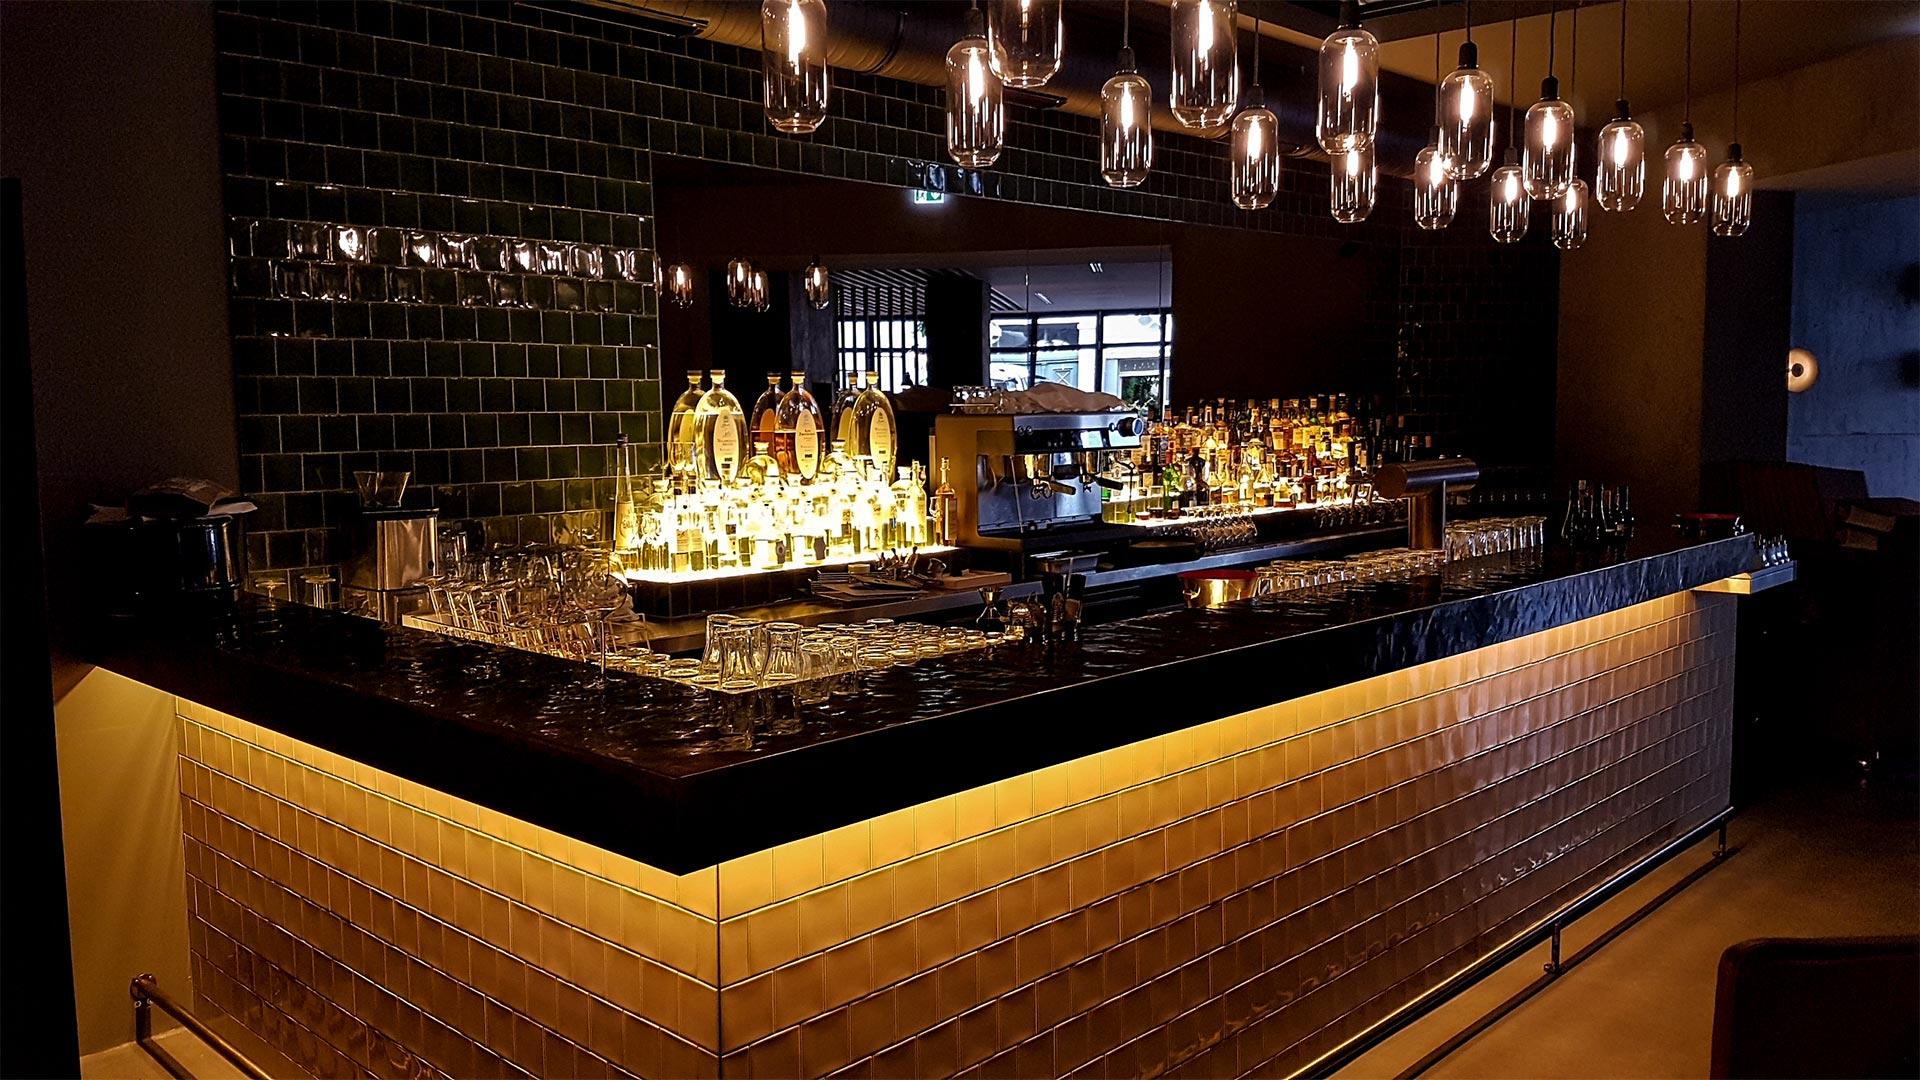 Das Zentrum eines guten Restaurants ist eine einzigartige Bartheke. So auch im Brick + Bone in Karlsruhe